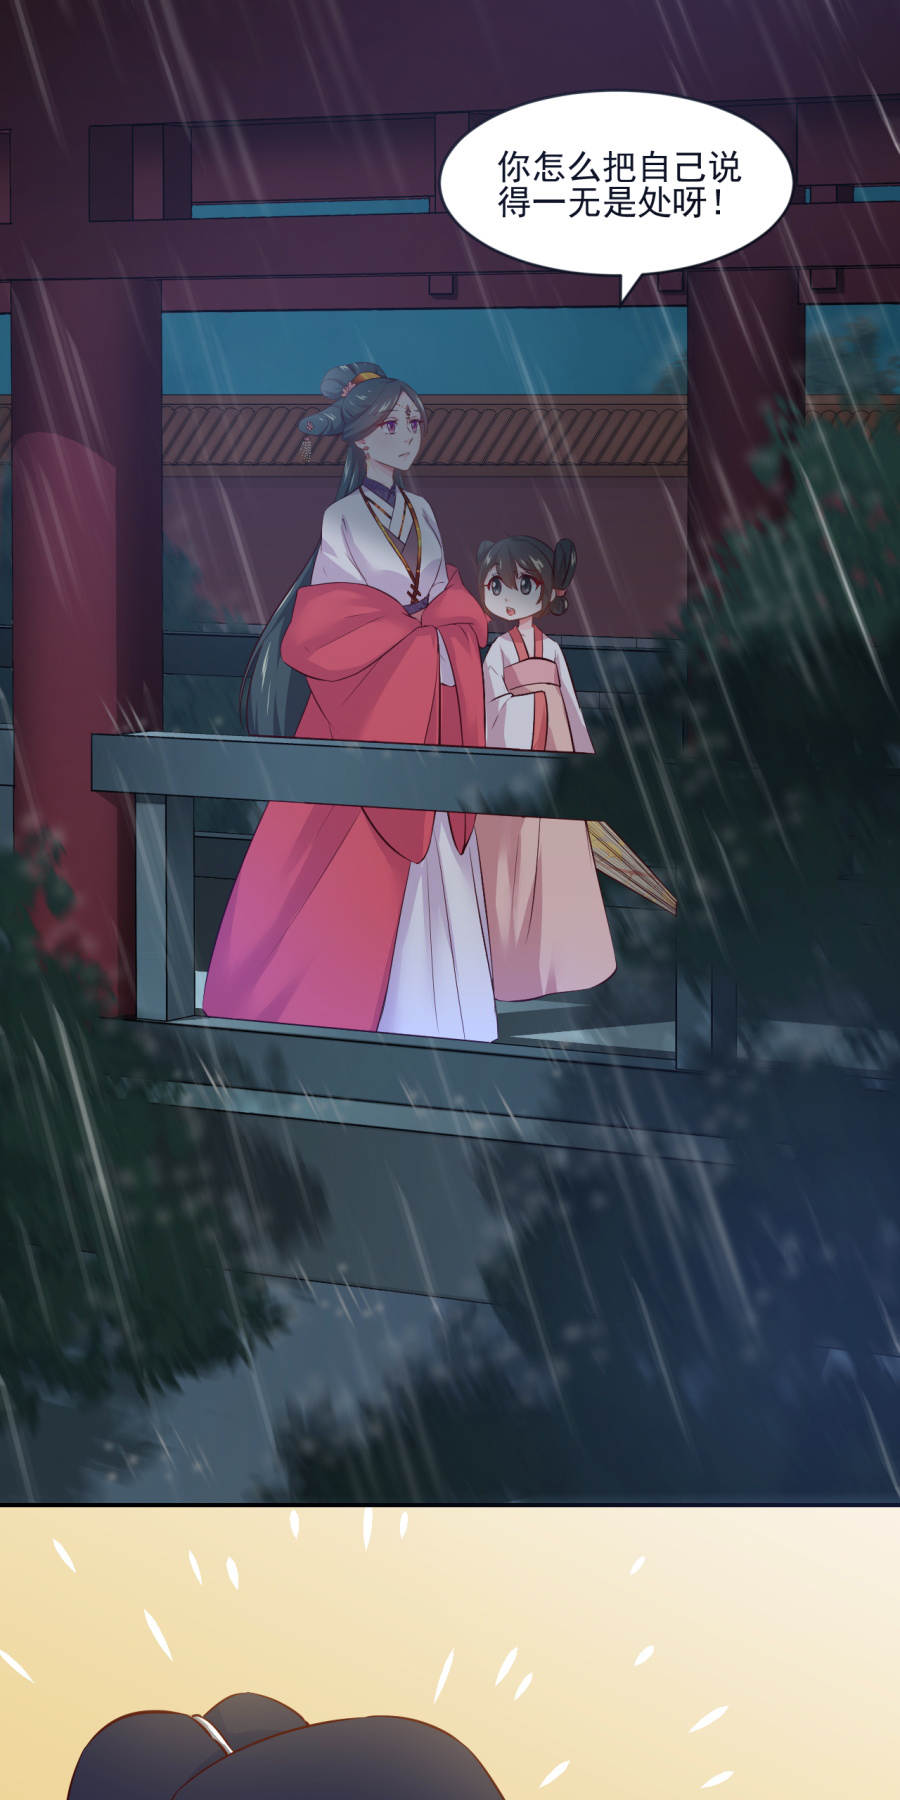 盛世帝王妃第89话  千雪的思虑 第 6